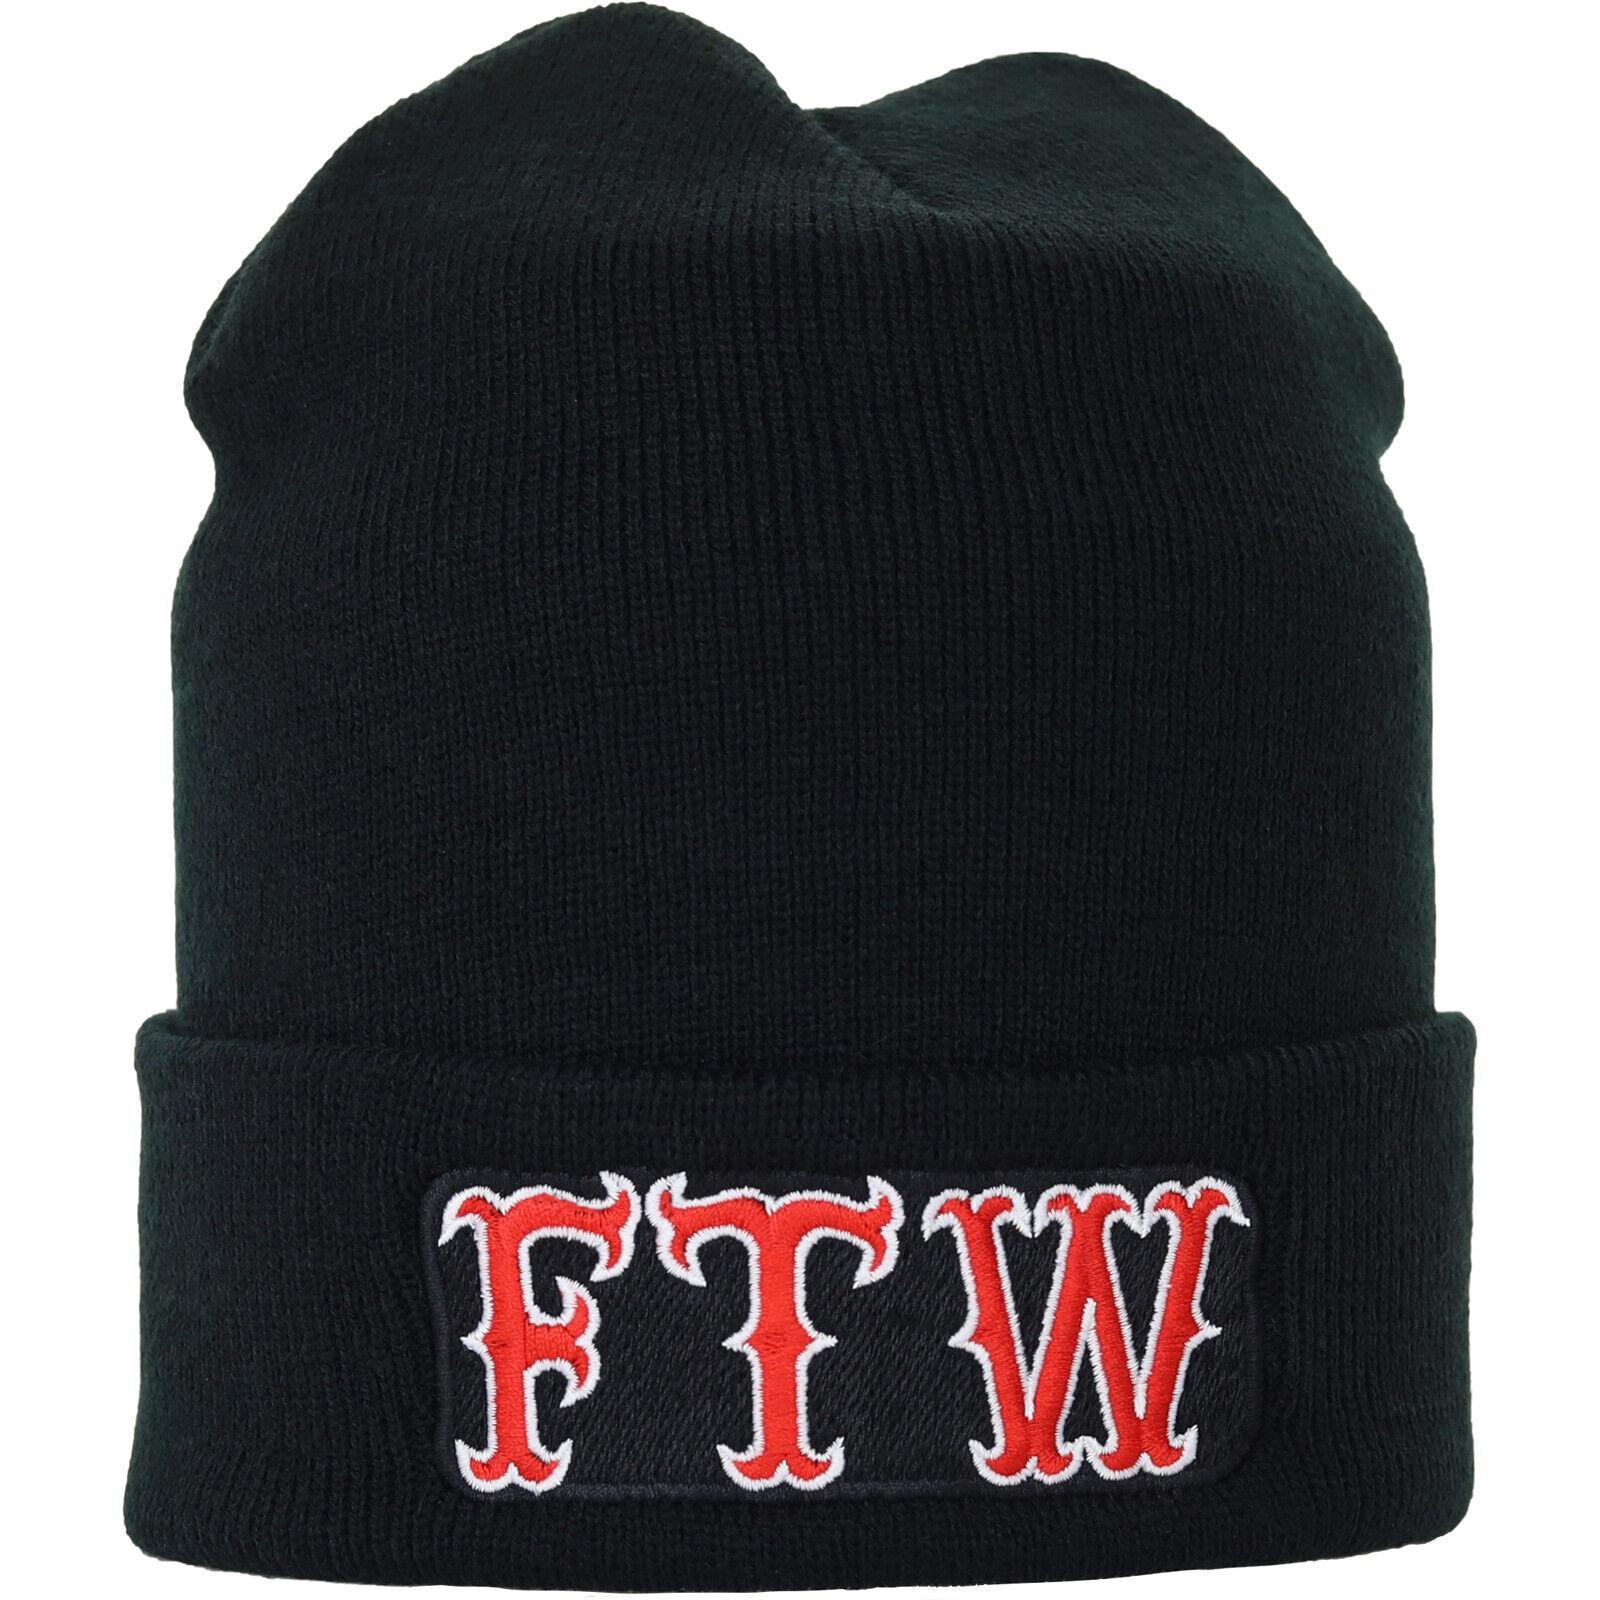 FTW Fuck the World Strickmütze Wollmütze Haube Beanie Winter Unisex Damen/Herren